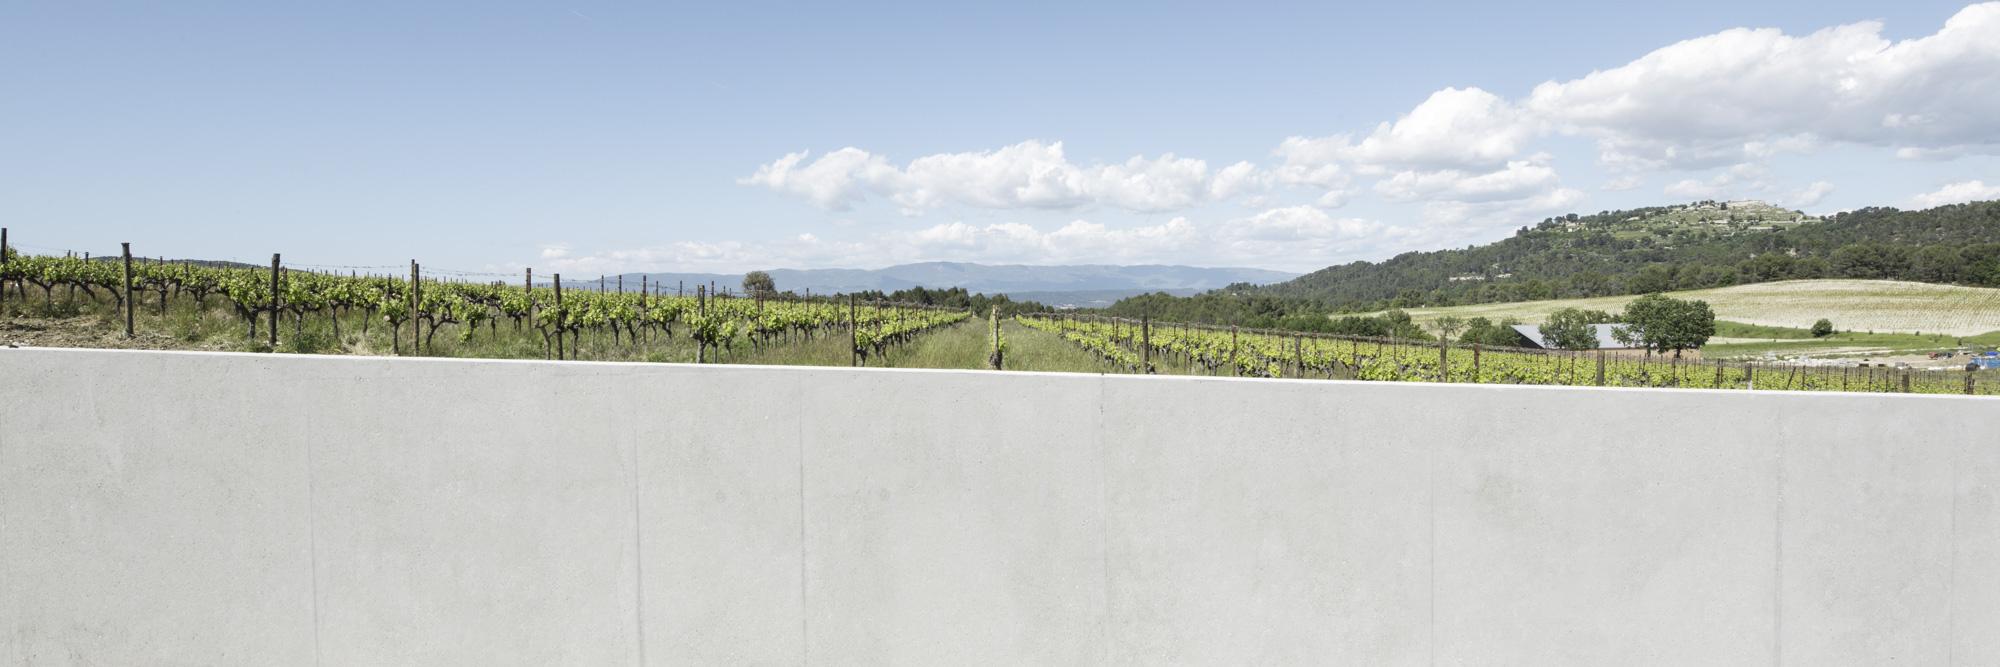 Photography Pavilion entry | RPBW | Chateau La Coste